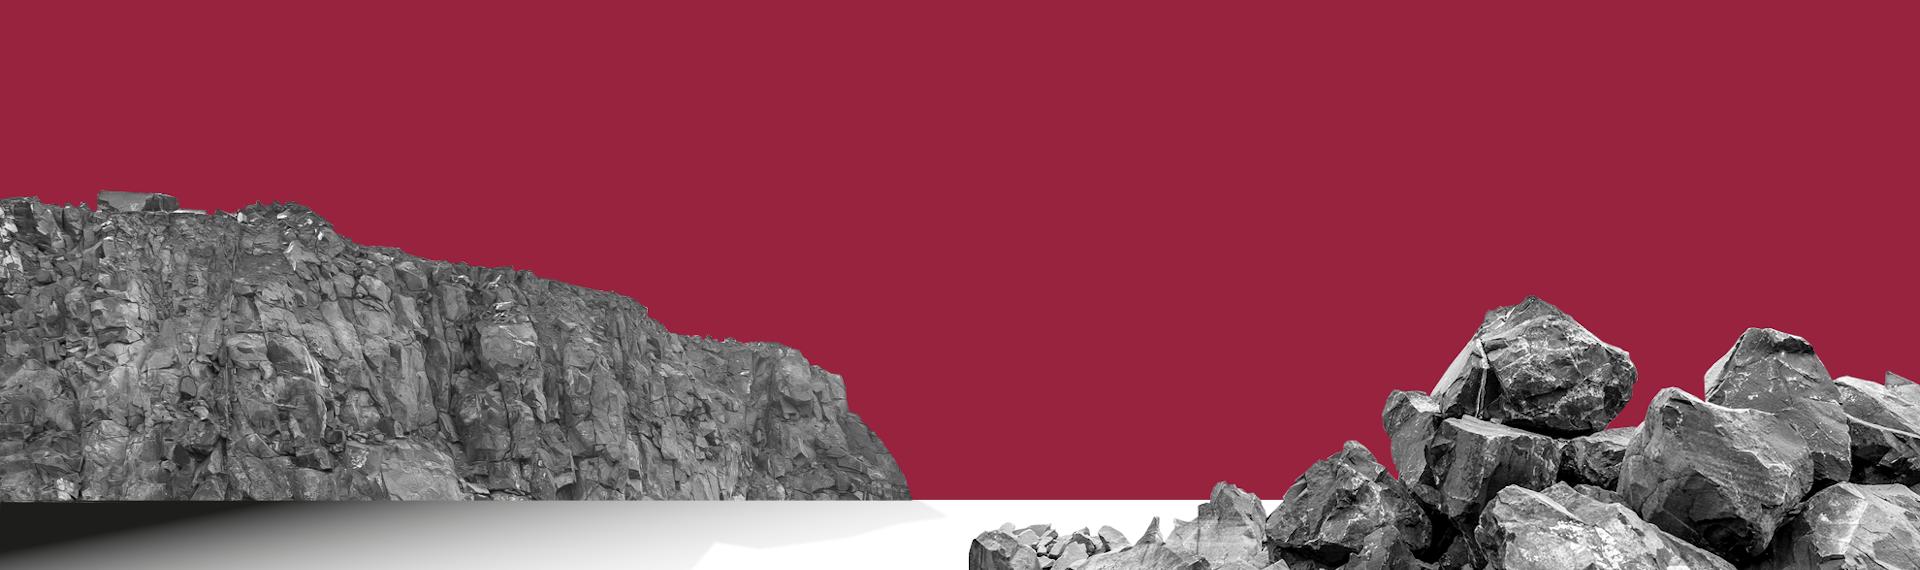 Steine vor rotem Hintergrund